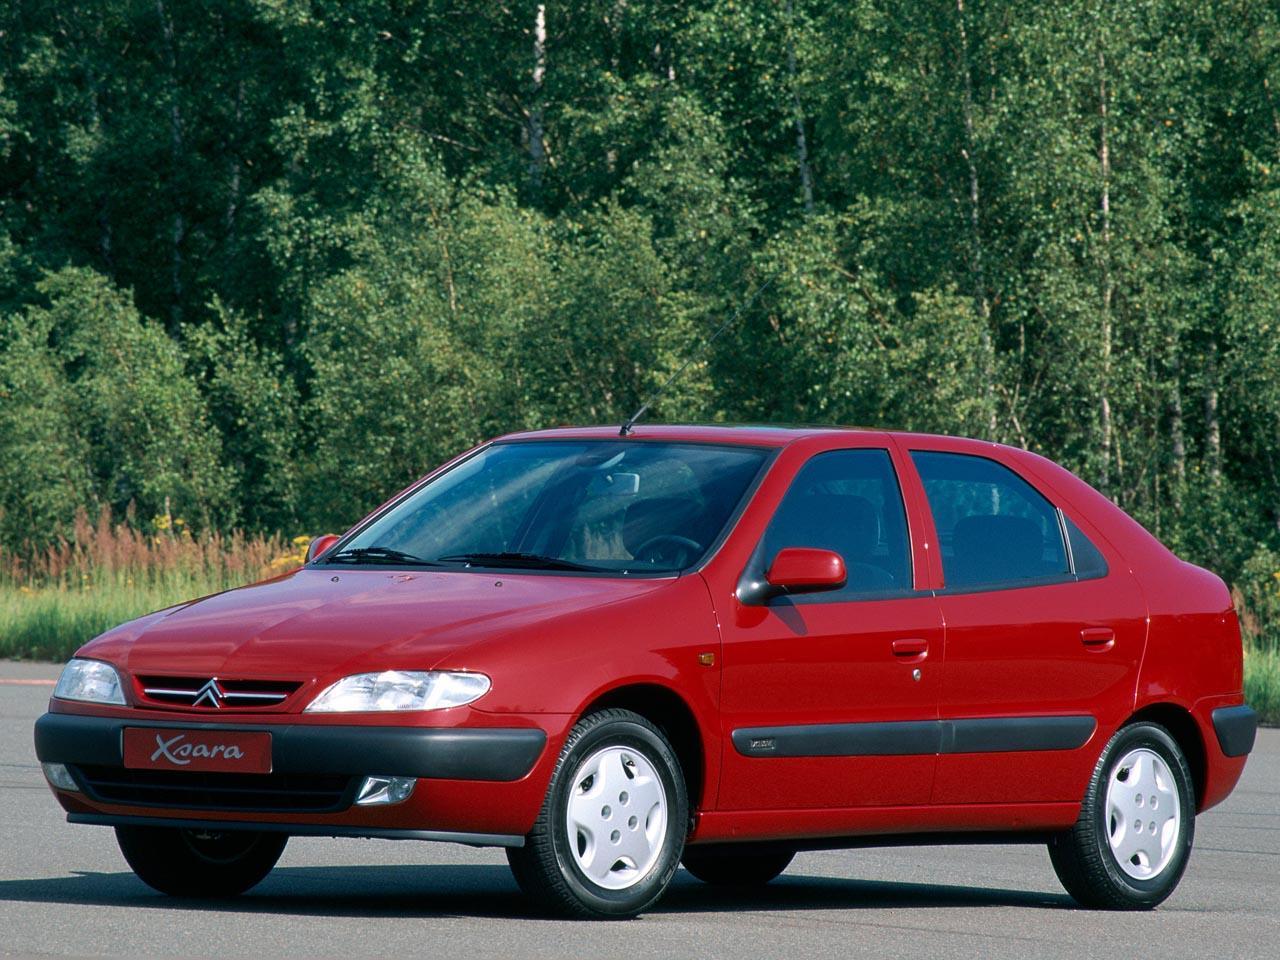 Xsara Berline 1.8i 16V exclusive 1997 modèle remplaçant la ZX